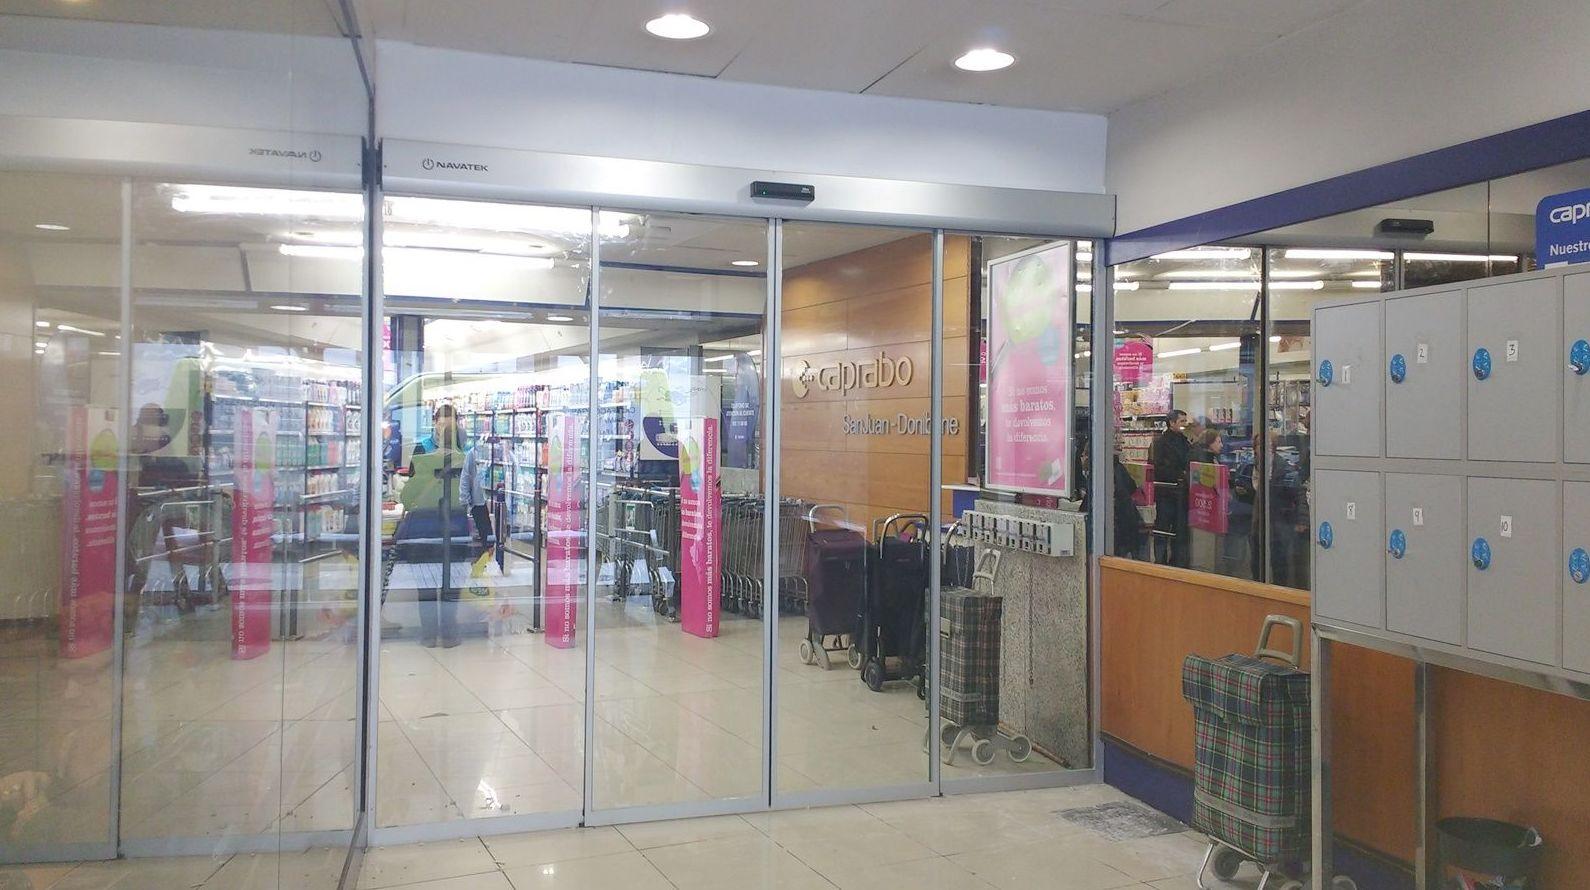 Foto 128 de Puertas automáticas en Olite | Navatek Puertas Automáticas SL